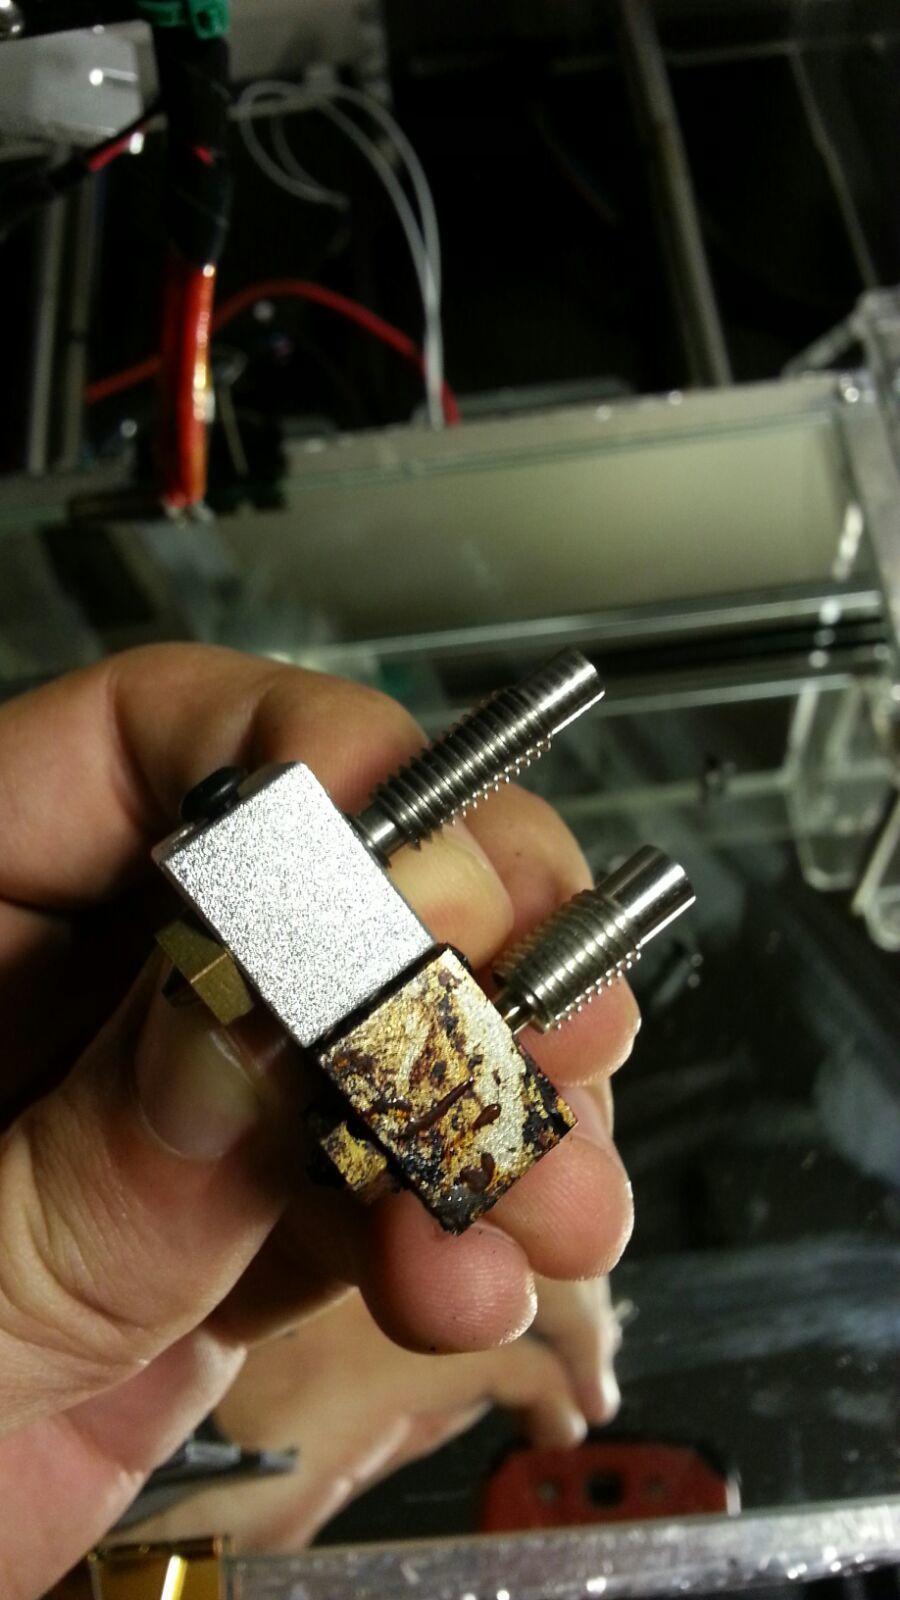 Конструктор 3D-принтера от SUNHOKEY в процессе эксплуатации (часть вторая) - 11